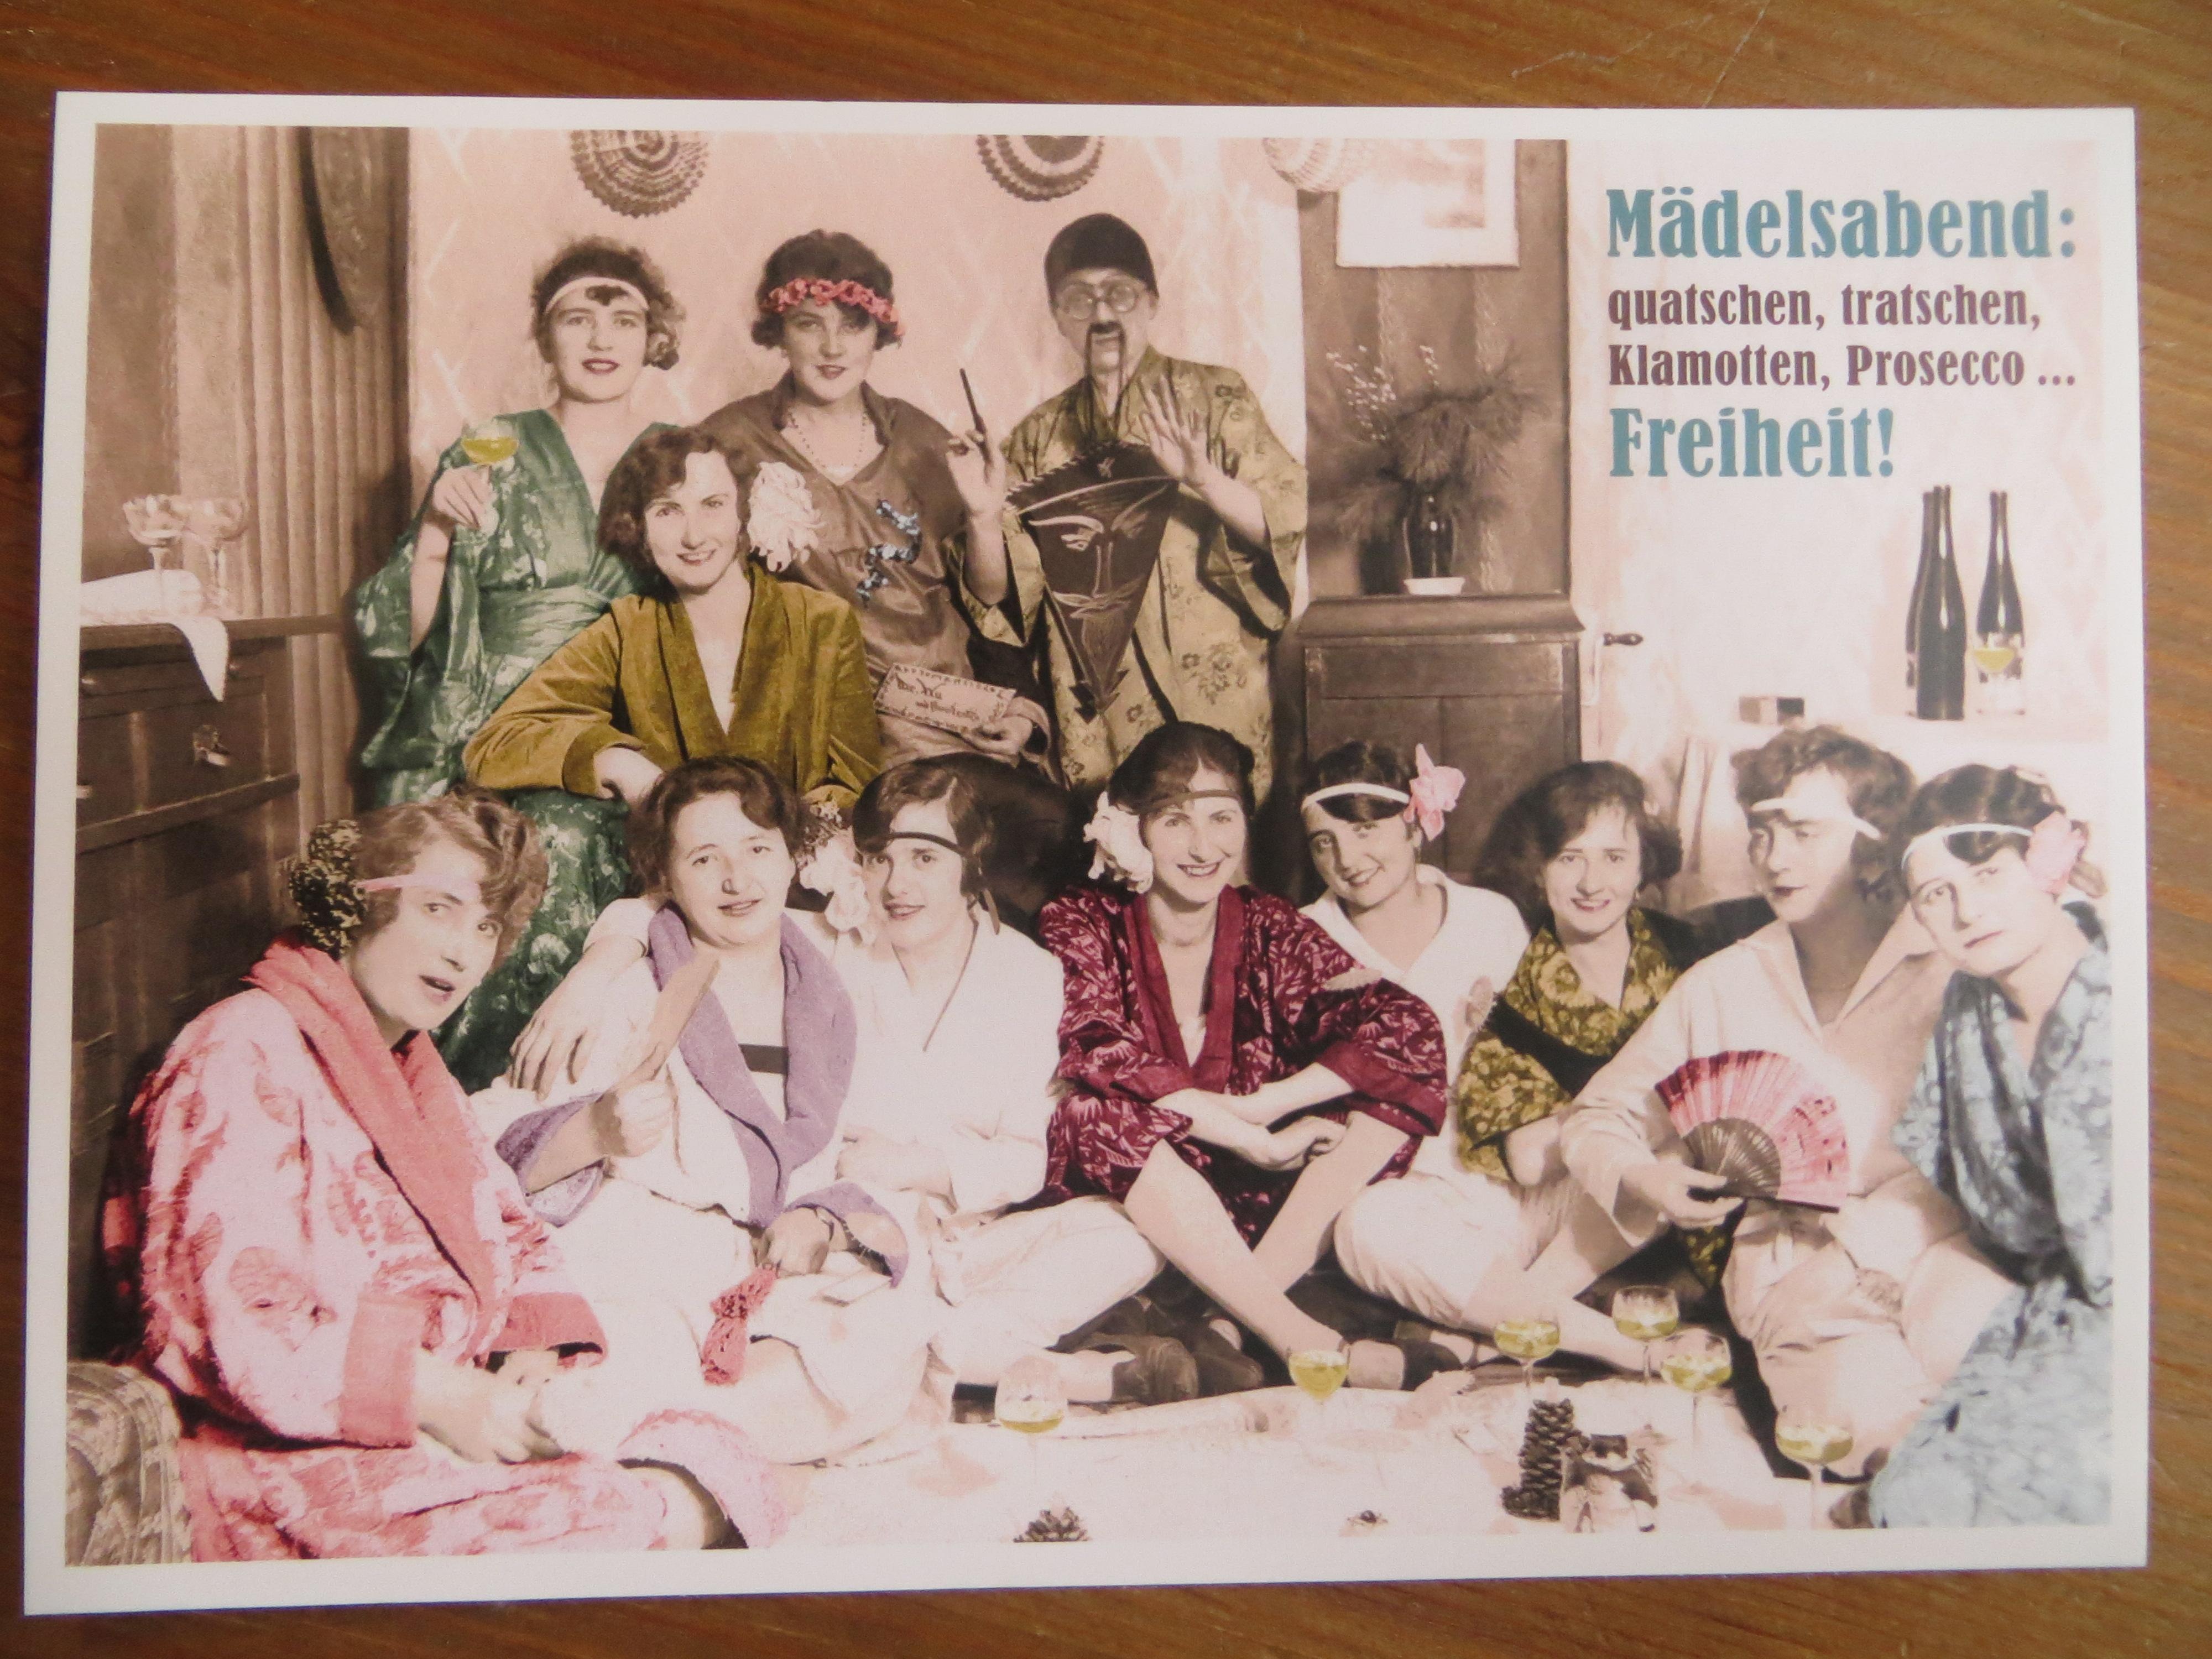 Postkarte Karte Mädelsabend quatschen tratschen Klamotten Prosecco... Freiheit Paloma